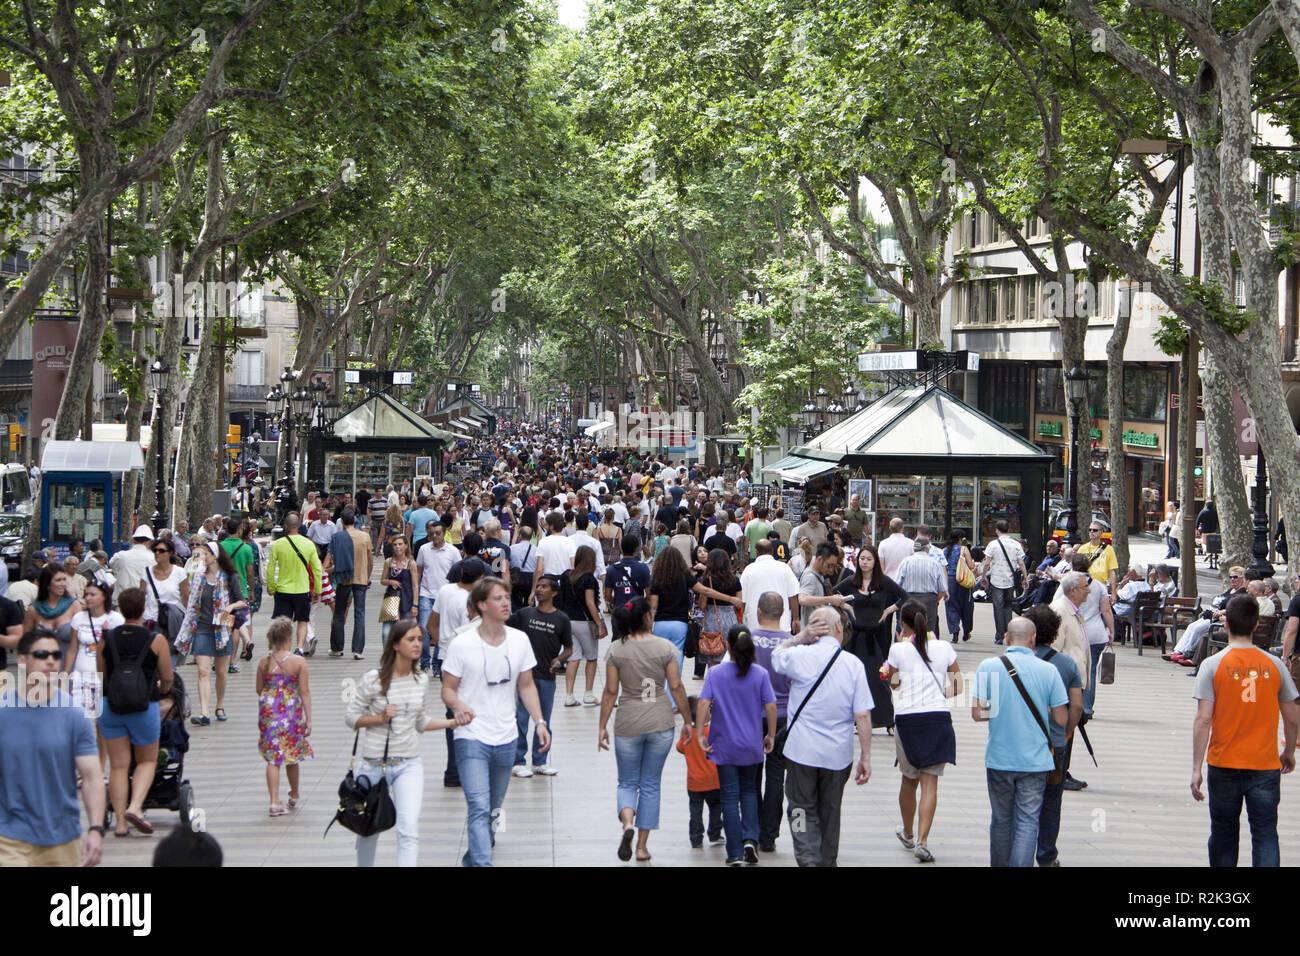 Espagne, Barcelone, promenade 'Las Ramblas', Banque D'Images